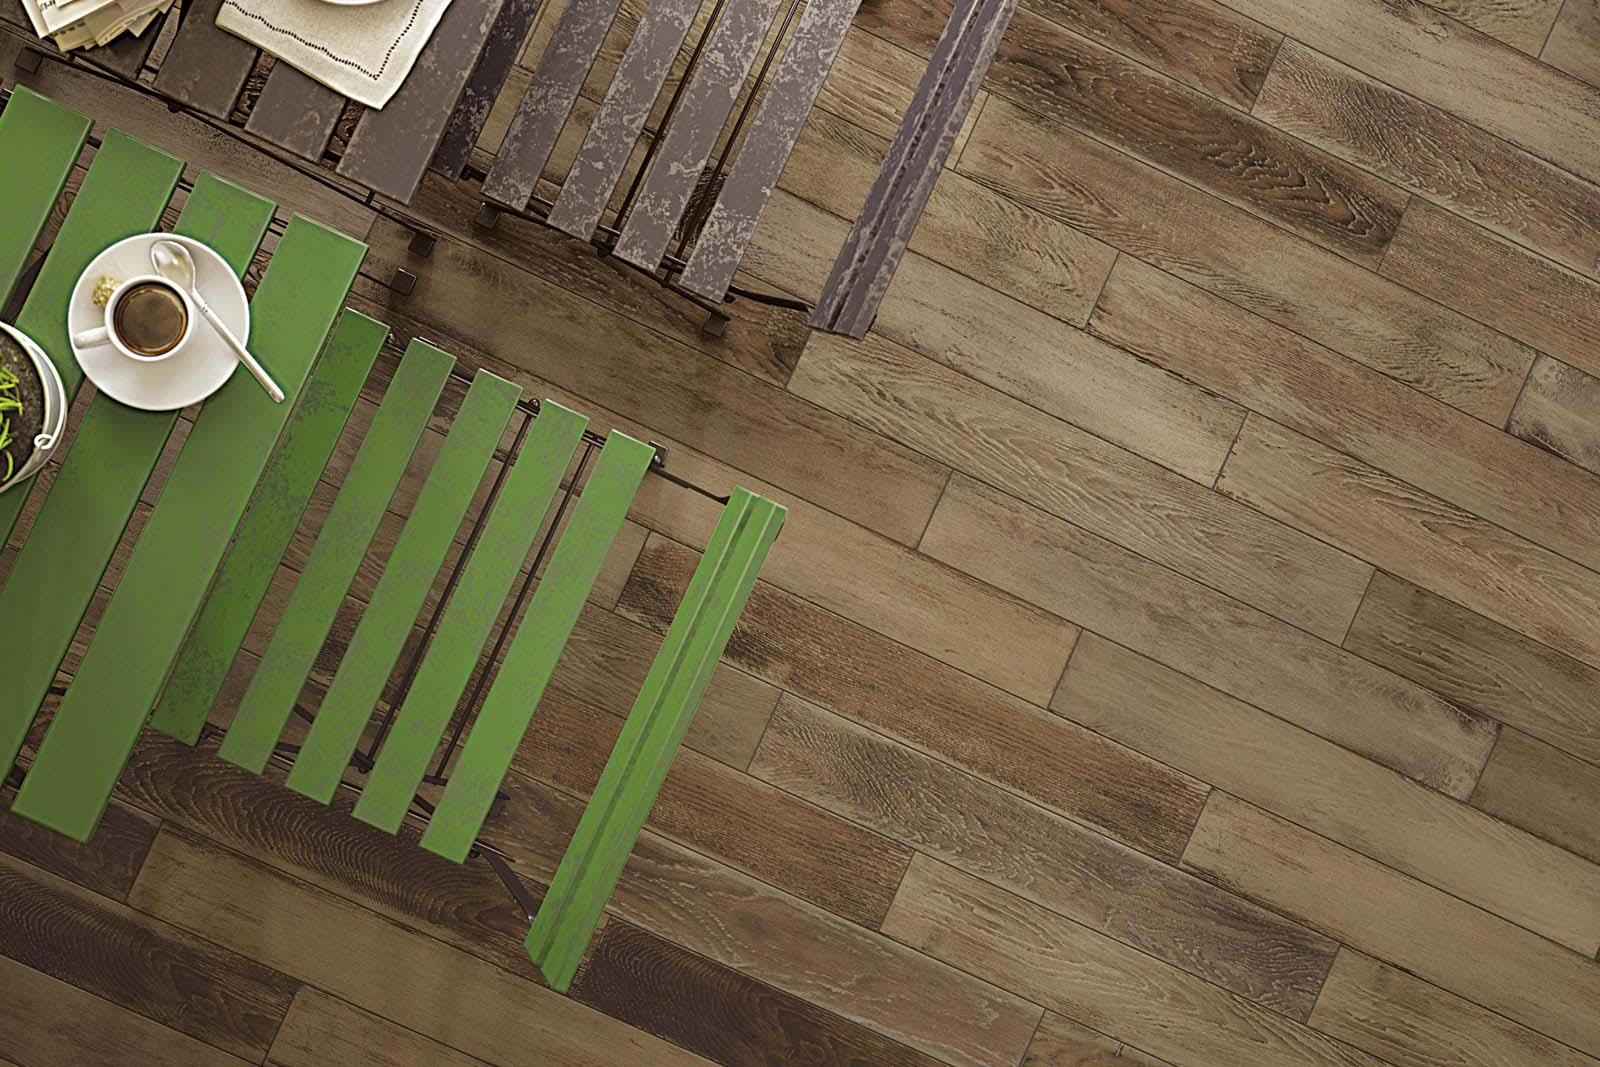 Wood panel tiles mariwasa mariwasa siam ceramics inc wood panel tiles mariwasa dailygadgetfo Choice Image